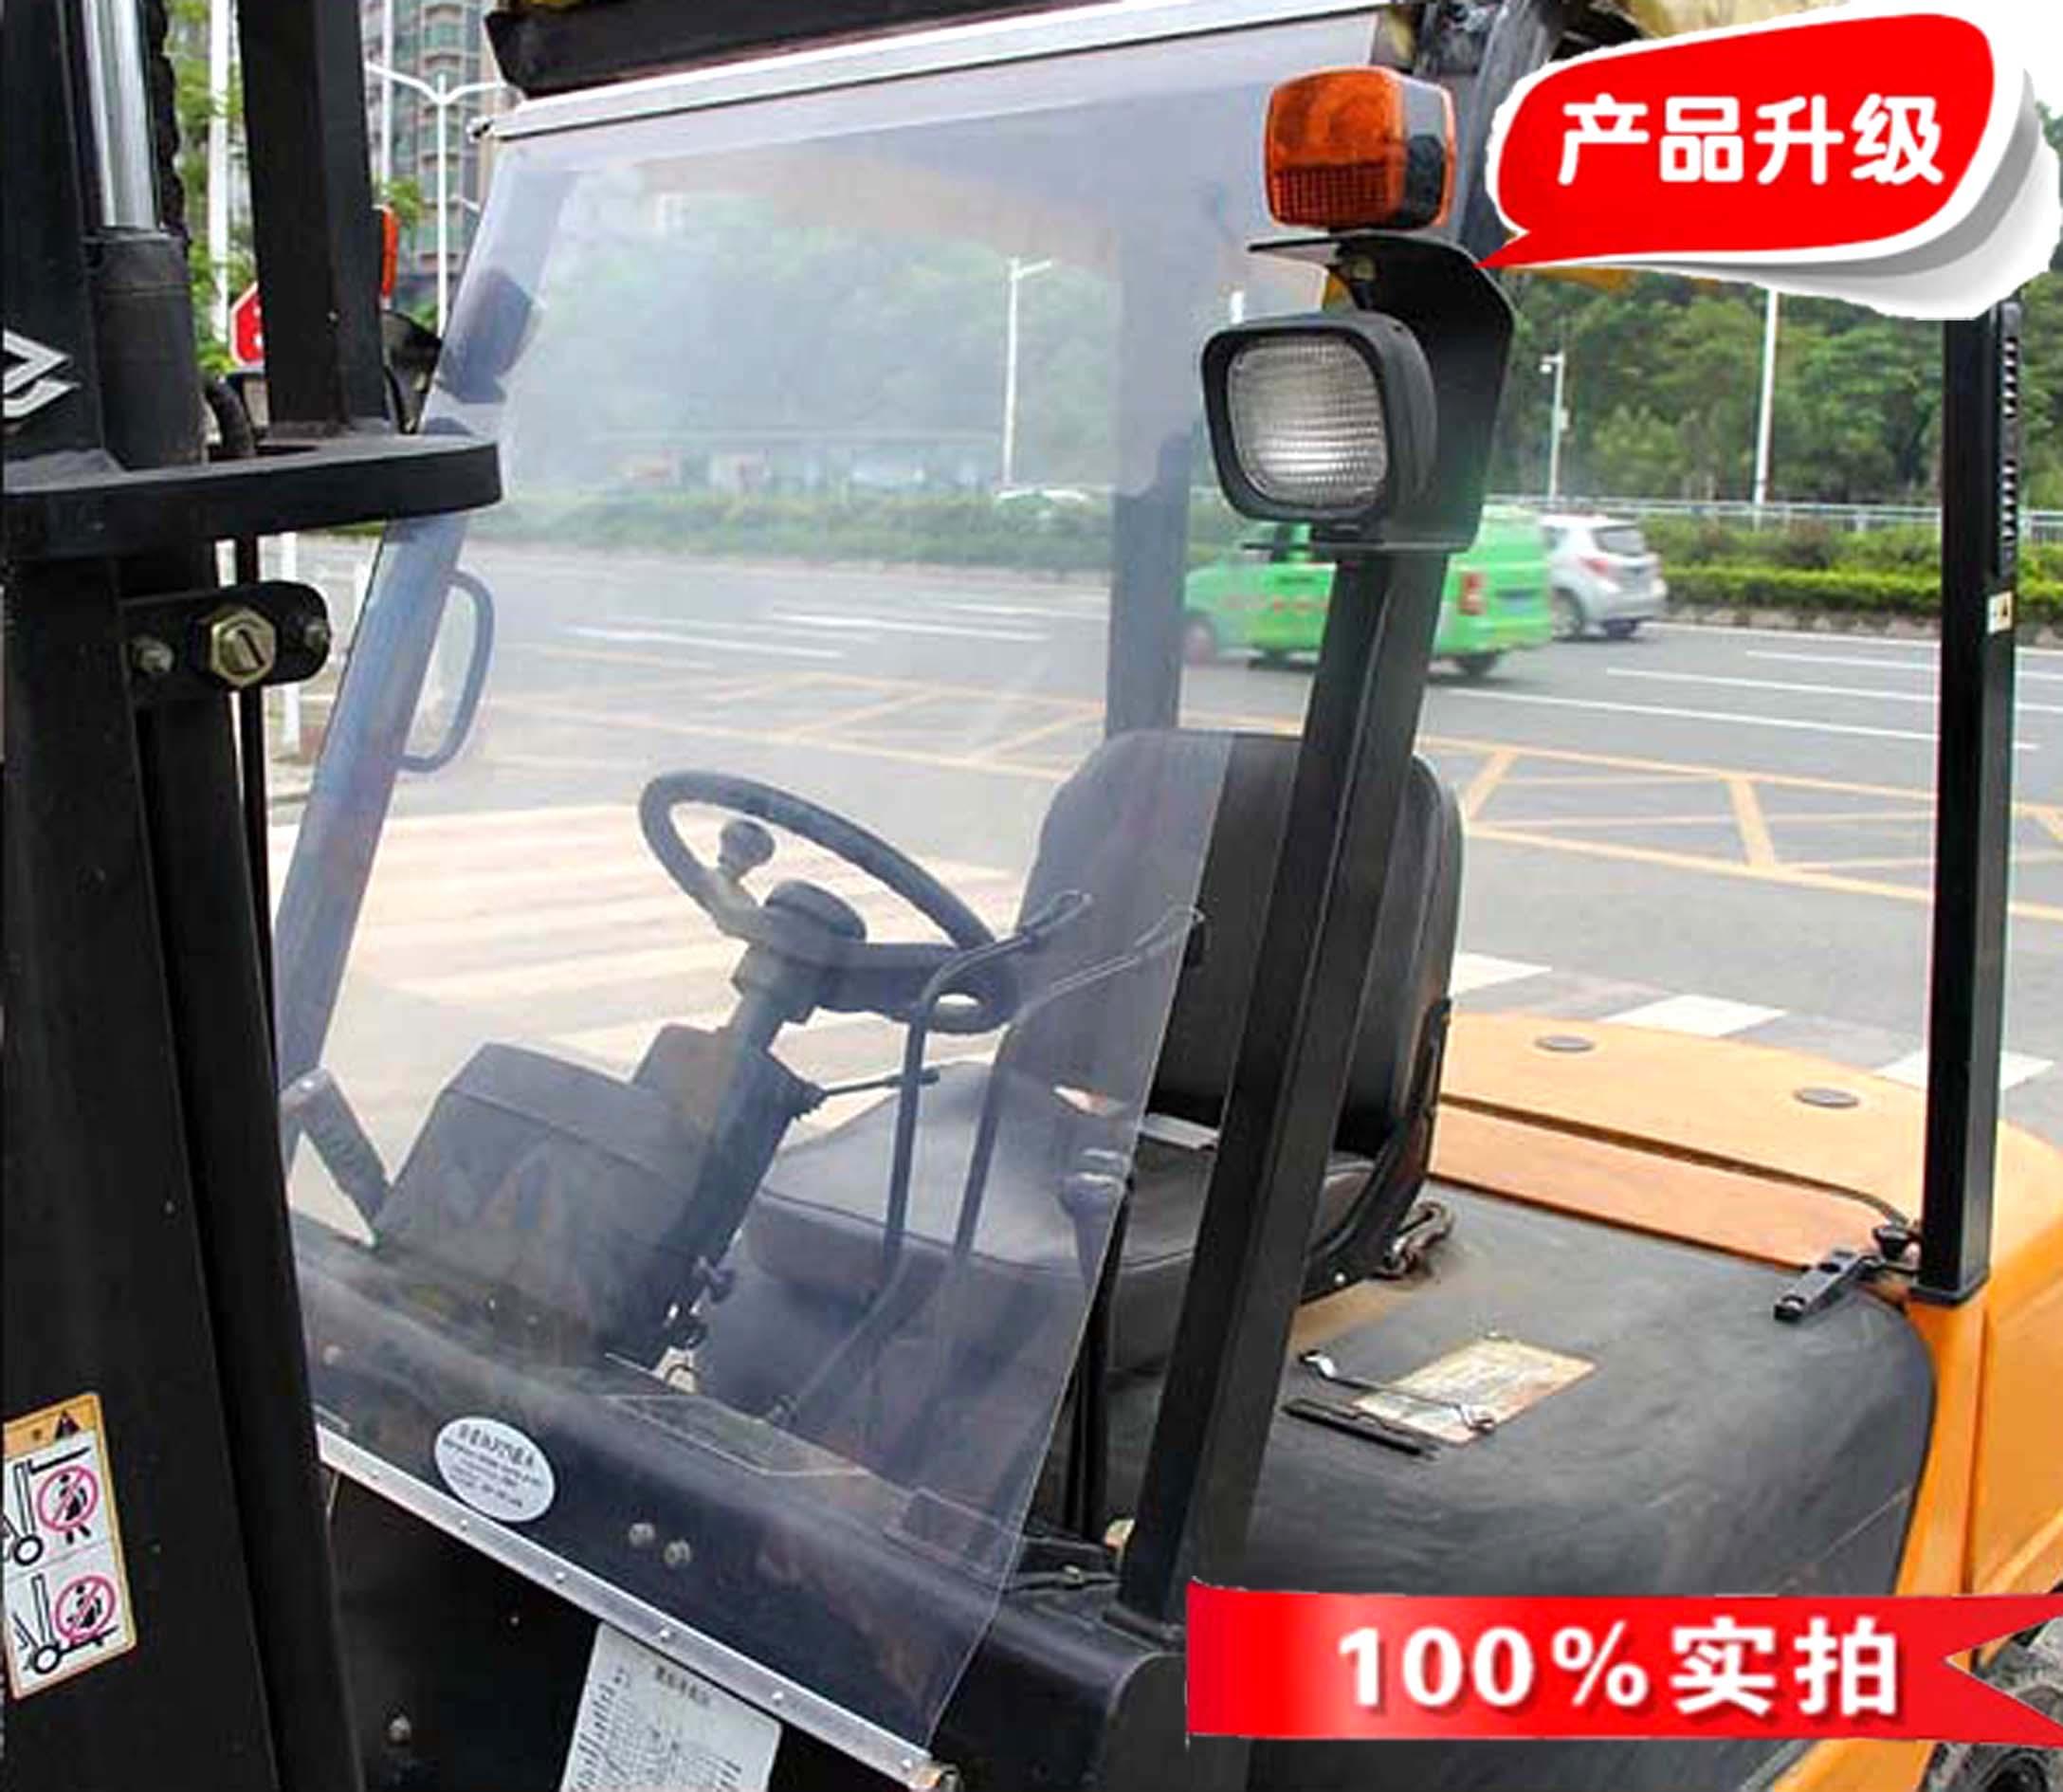 Близко сила ханчжоу грузоподъемник навес грузоподъемник дождь пушистый грузоподъемник монтаж навсегда побег ветер дождь подвижный грузоподъемник парадная дверь ветер стекло